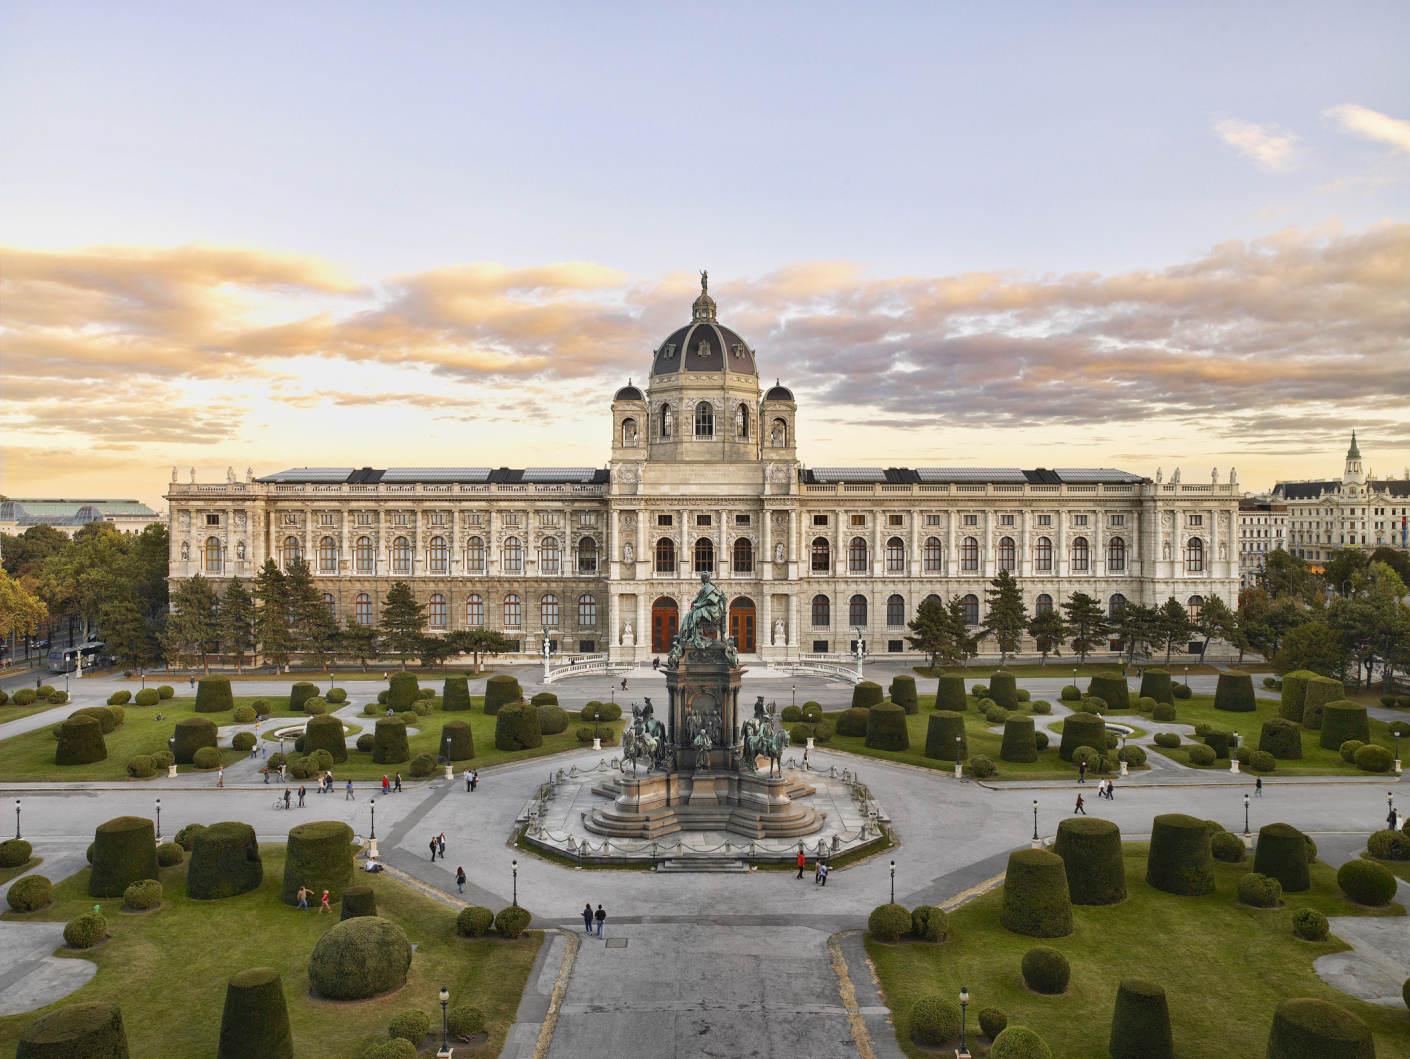 KHM Kunsthistorisches Museum Wien gratis Eintritt für Geburtstagskinder ab 26.01.2021 bis 31.12.2021